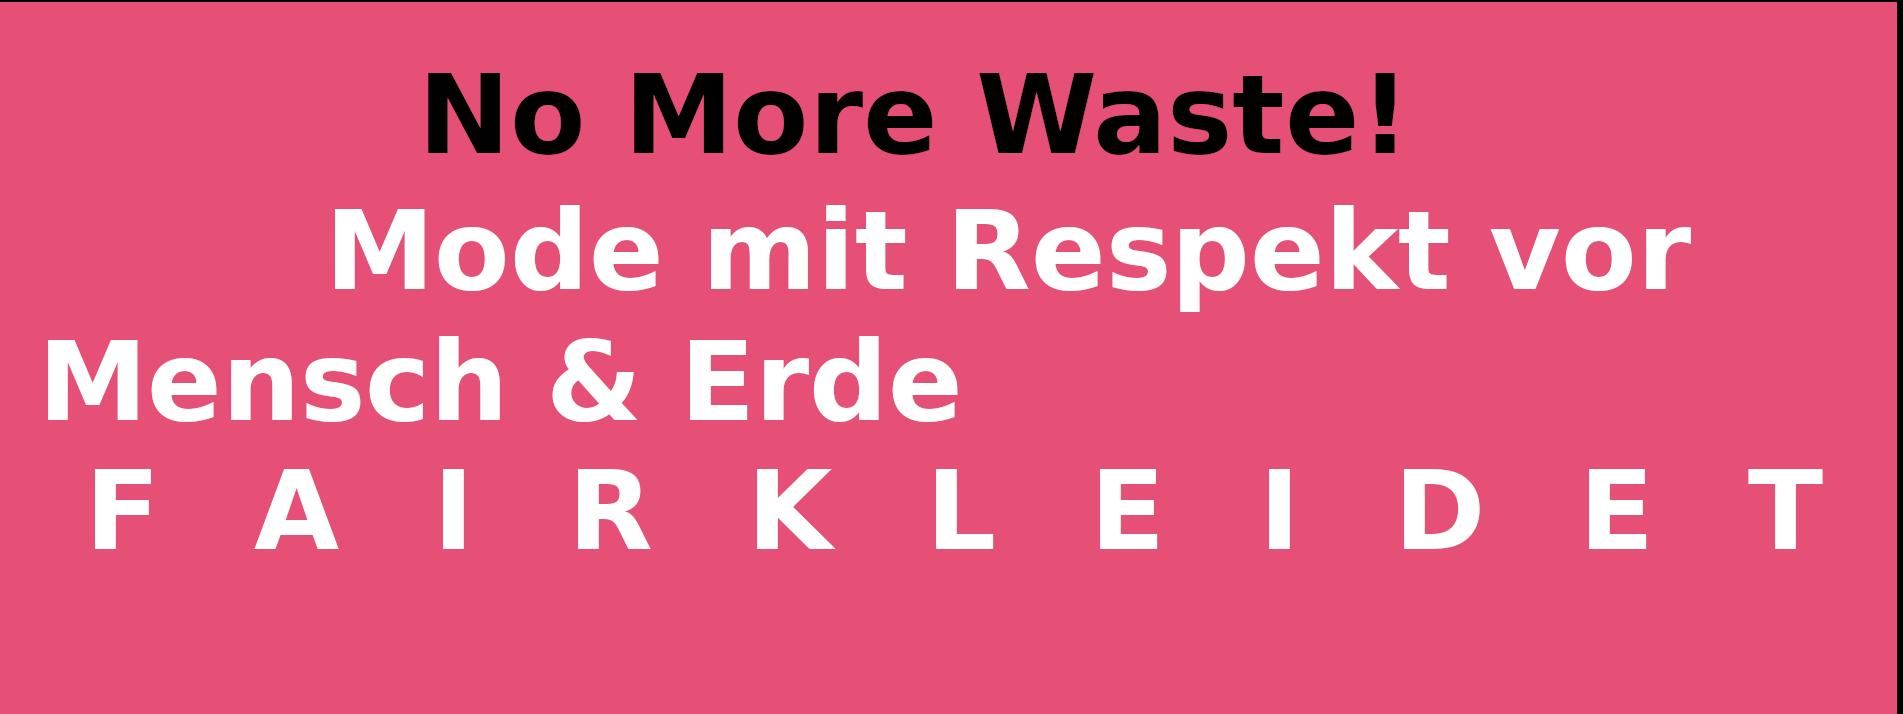 Faire-Mode-und-Nachhaltige-Mode-mit-Respekt-vor-Mensch-und-Natur